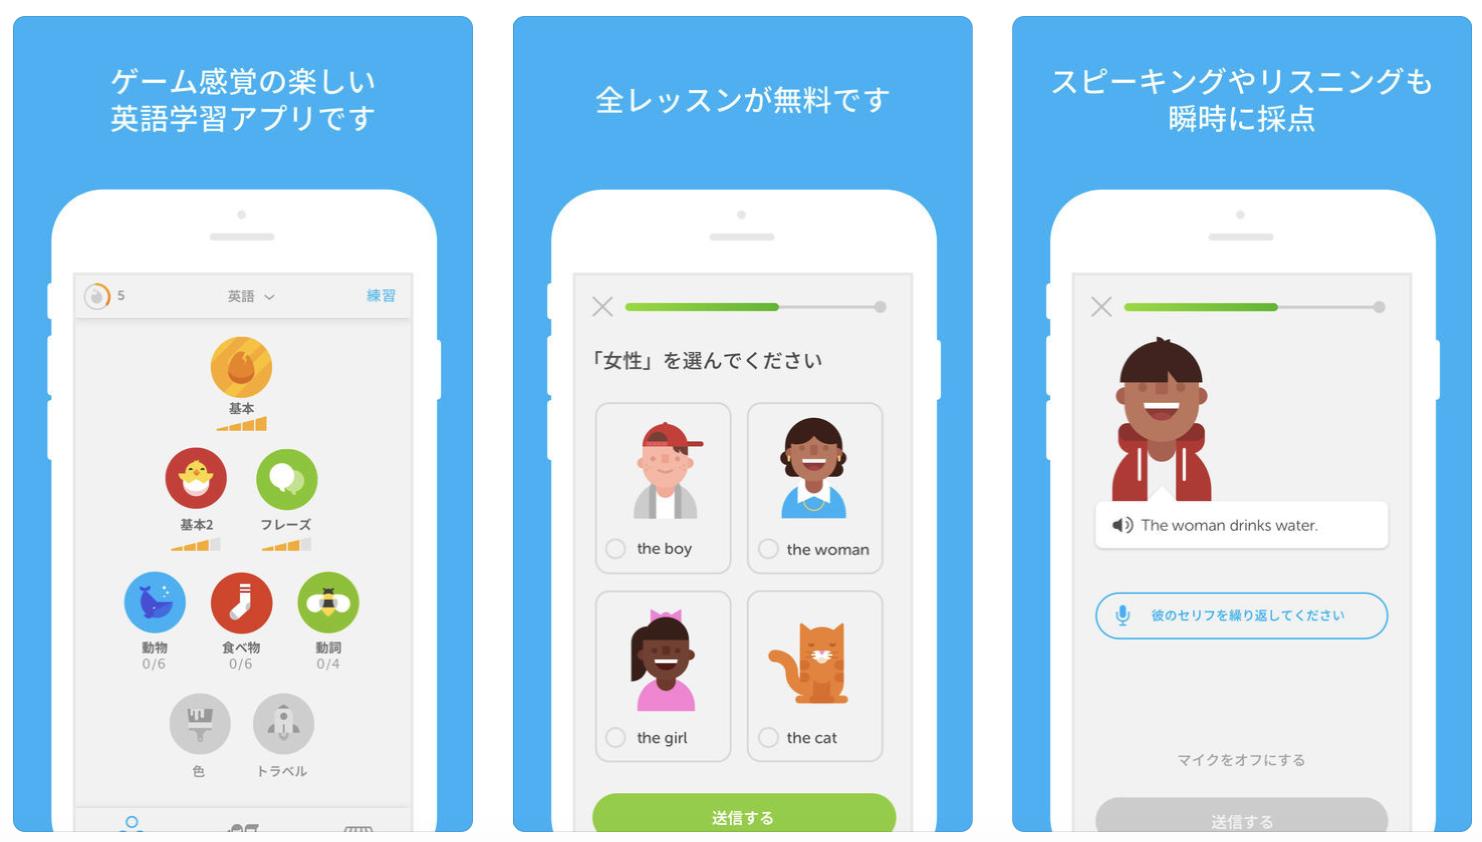 英語リスニングのおすすめアプリ「duolingo」